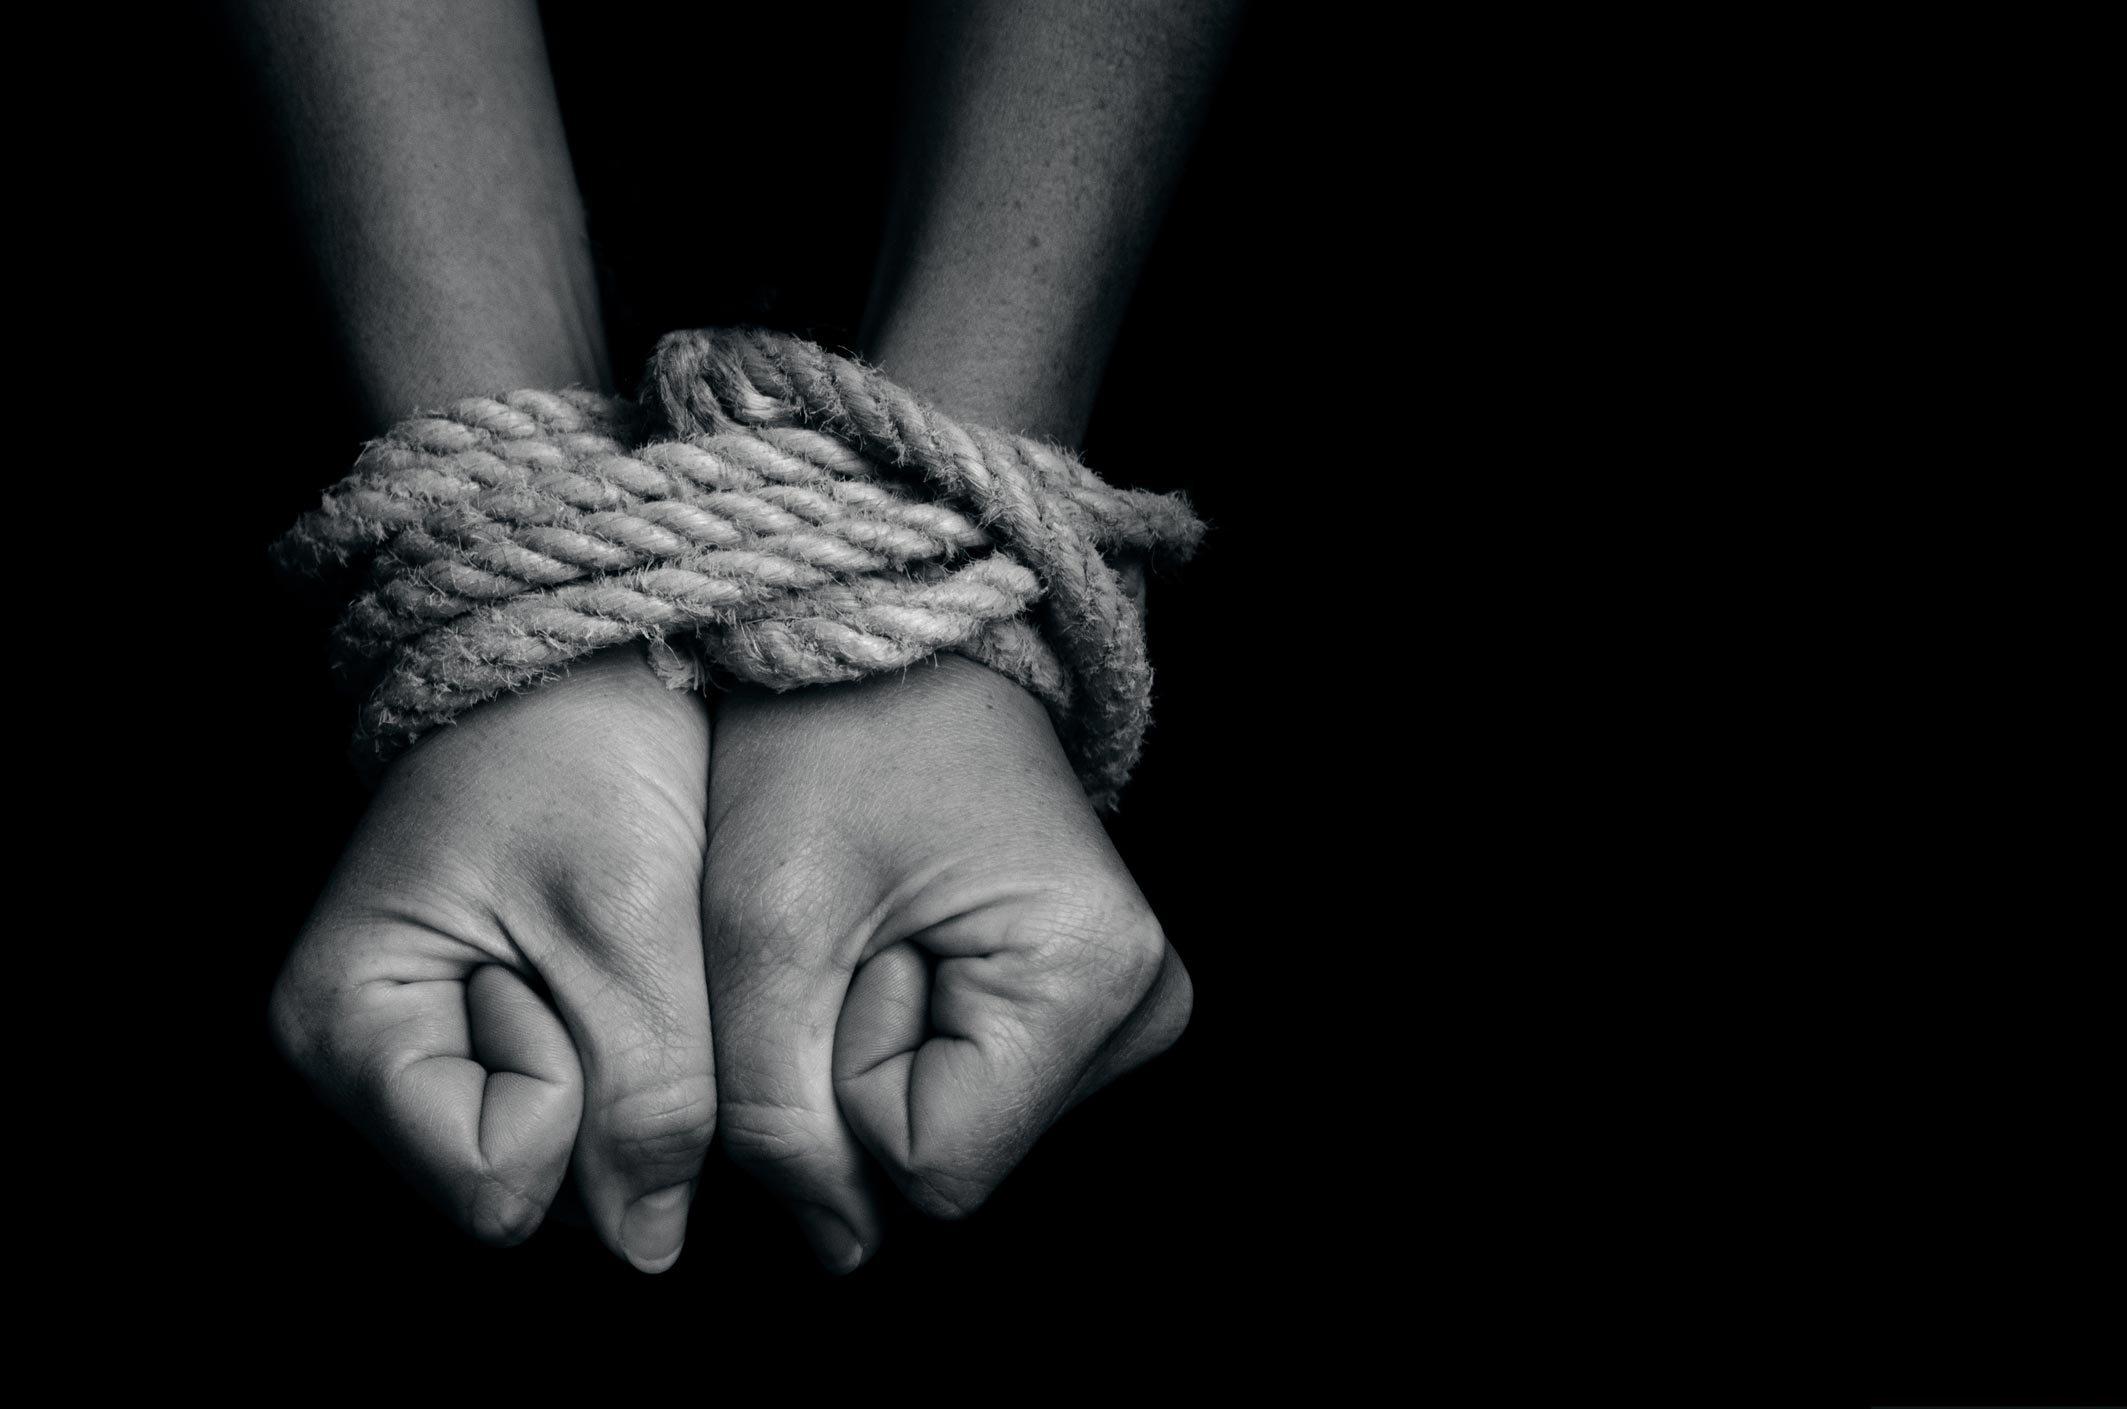 La tratta delle ragazze nigeriane in Italia: un'inchiesta del New Yorker sulle vittime dei trafficanti